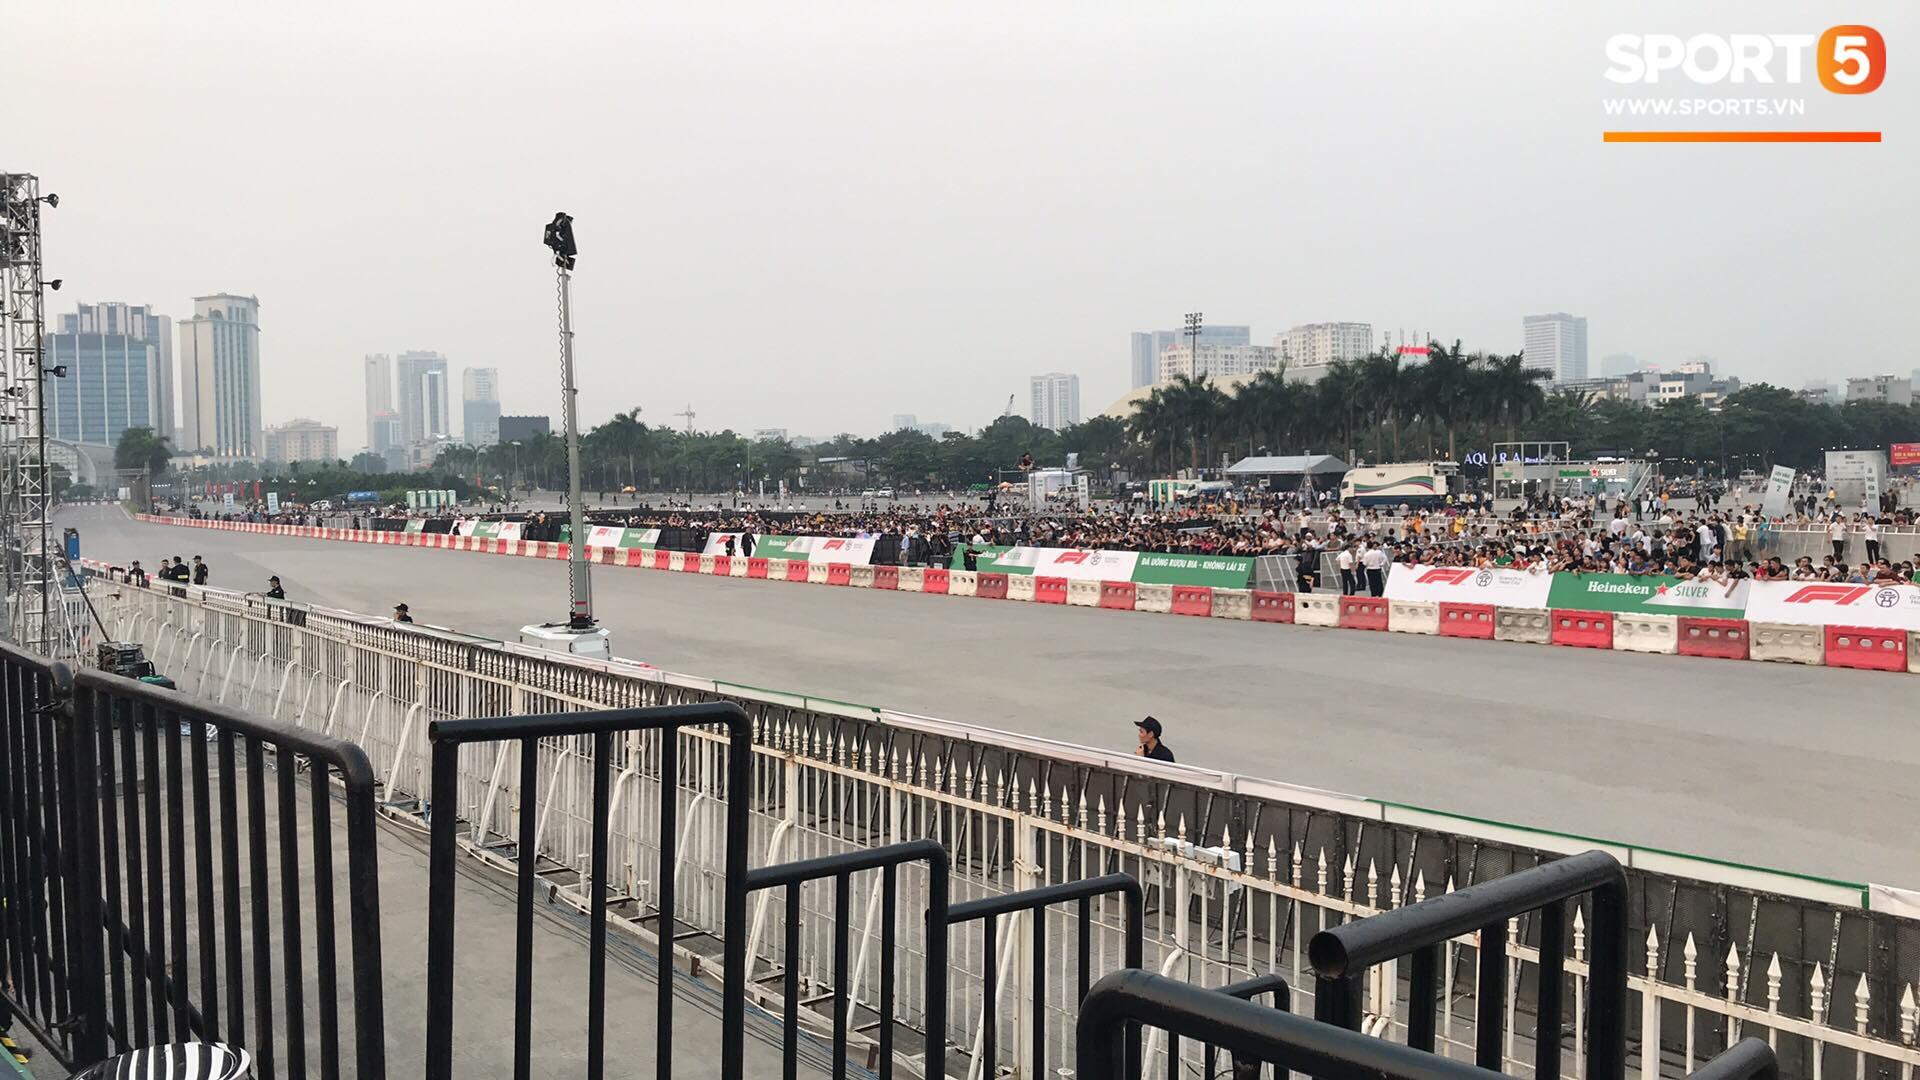 Sự kiện Khởi động F1 Việt Nam Grand Prix: Hoành tráng, mãn nhãn và đầy hứa hẹn - Ảnh 27.